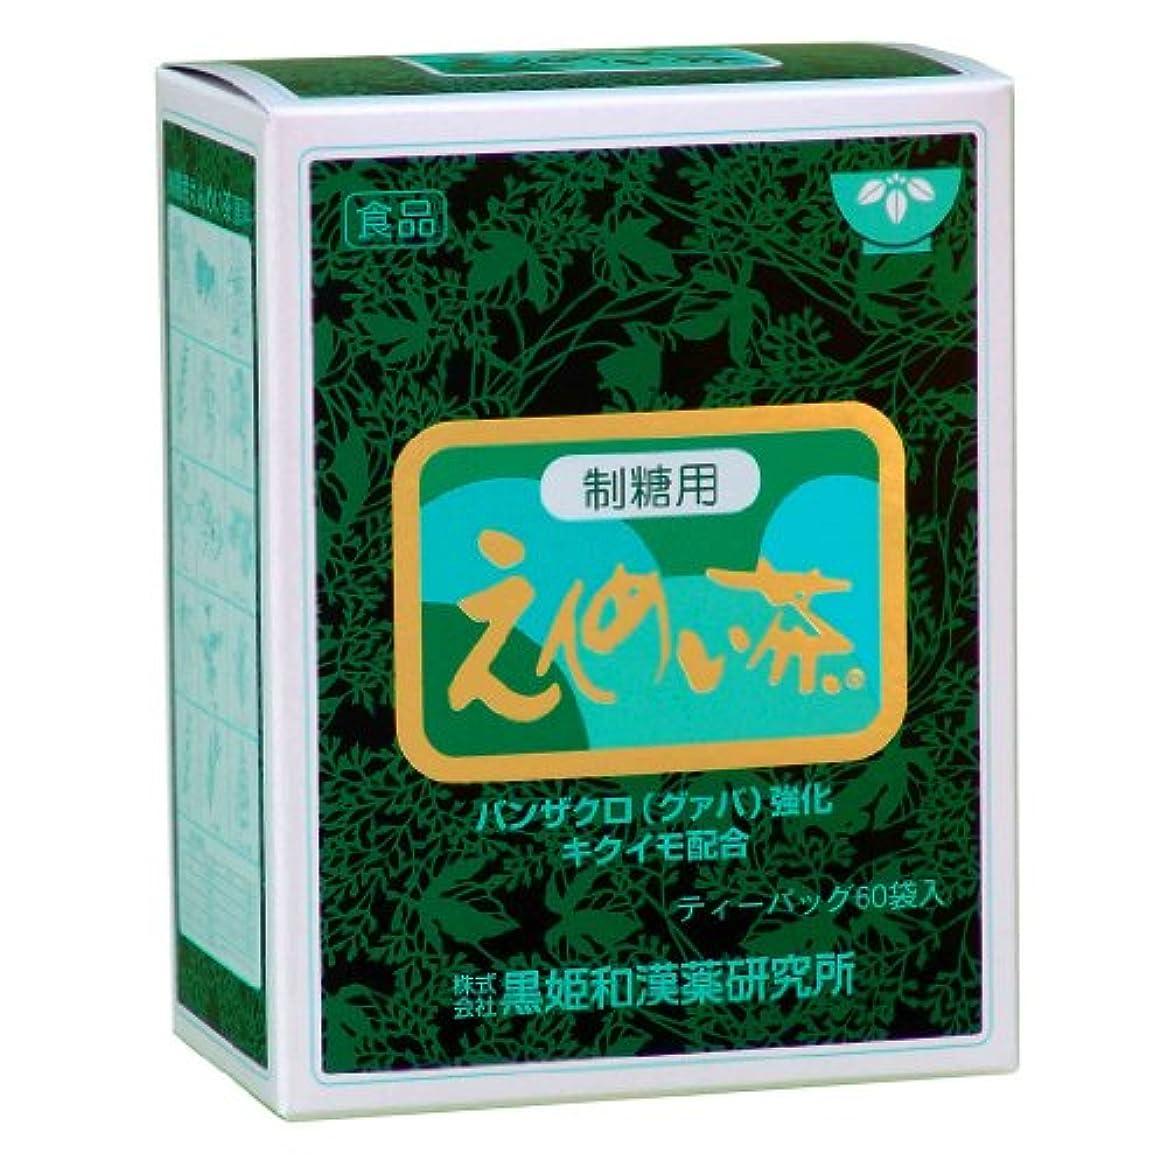 世界の窓政令ファウルユニマットリケン 黒姫えんめい茶制糖用 5gx60包